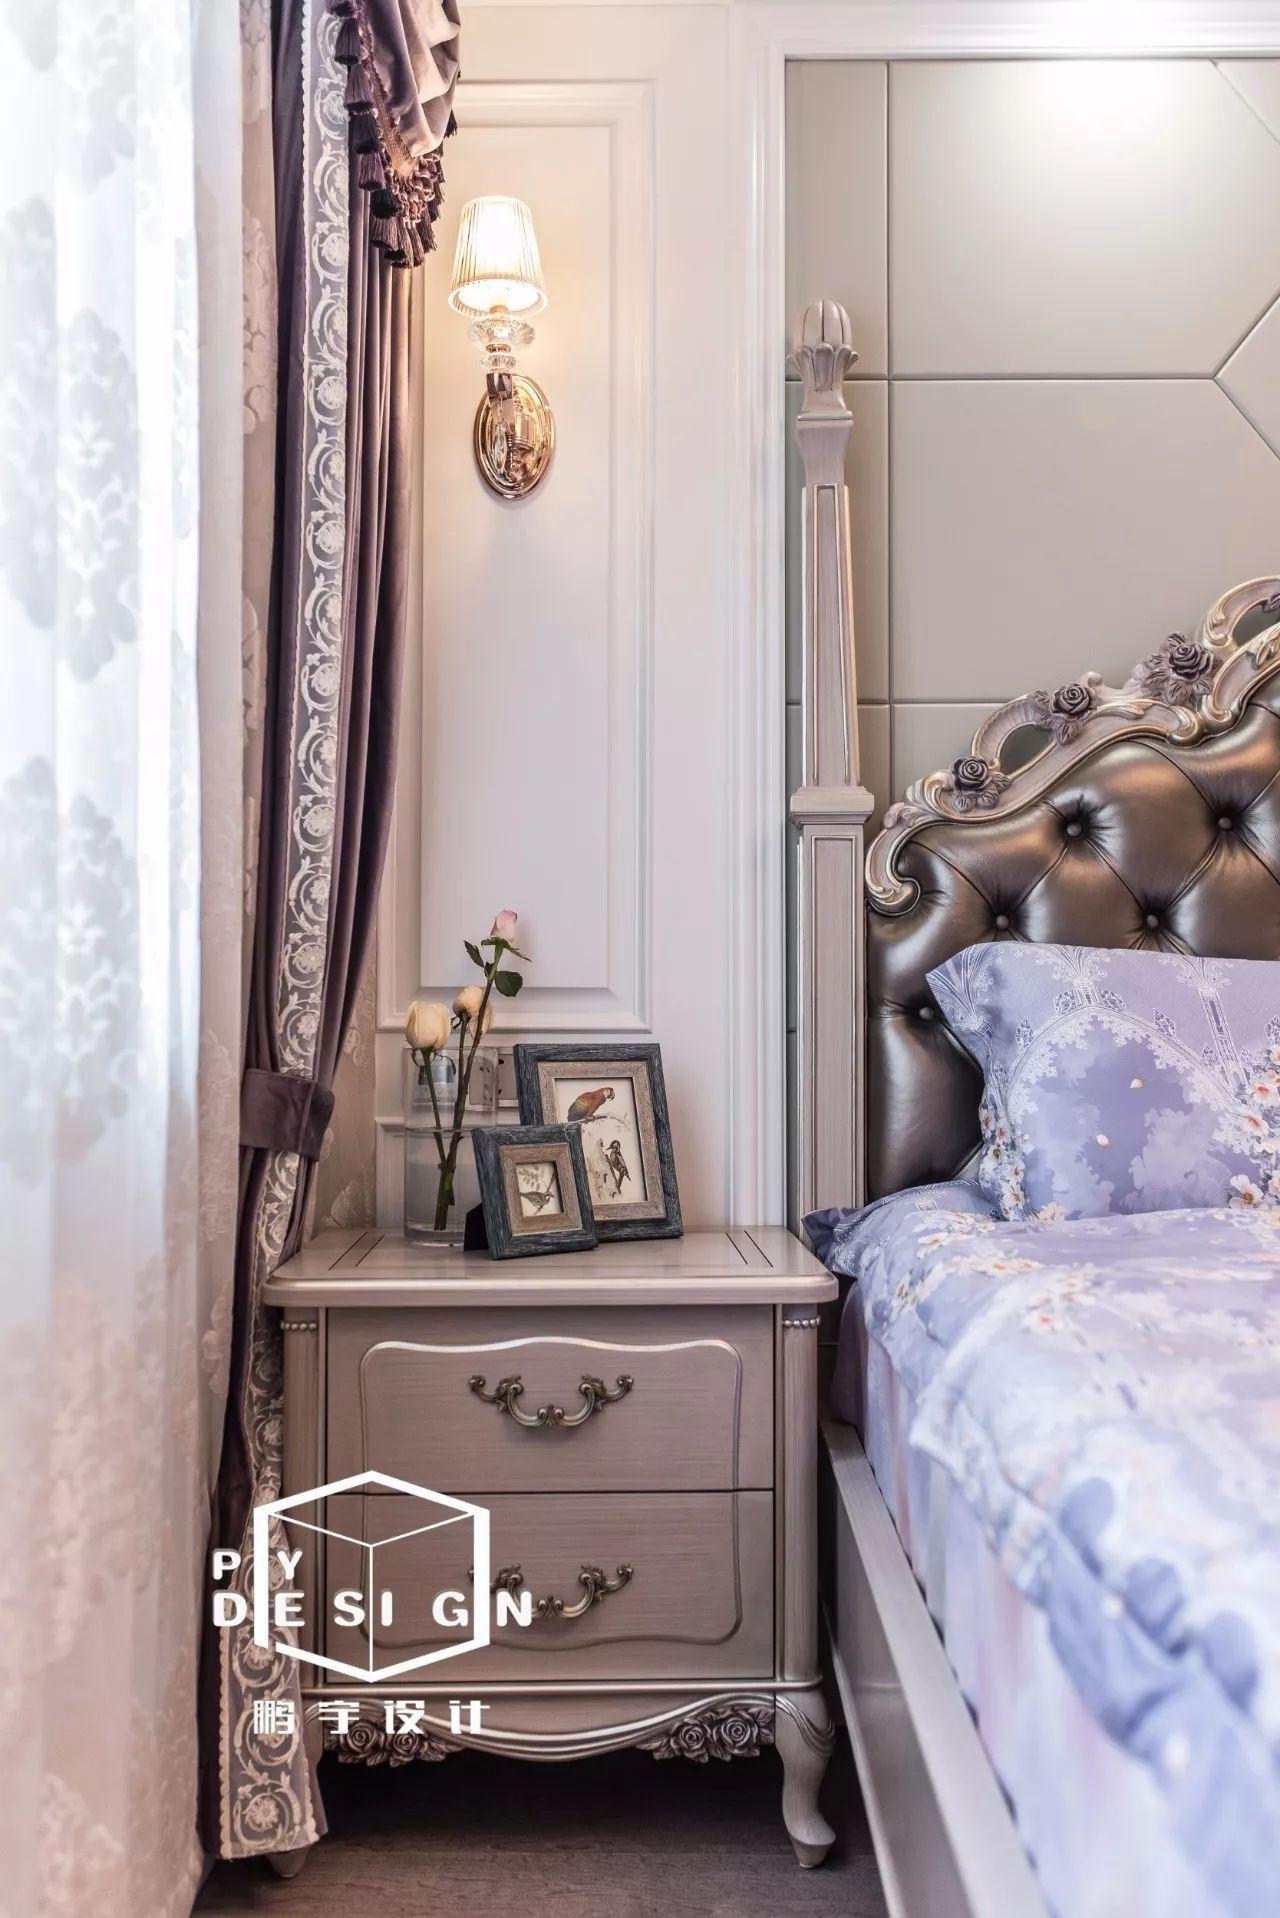 温馨感,皮制床头较有质感,深色地板与浅色家具的碰撞,更显空间色彩